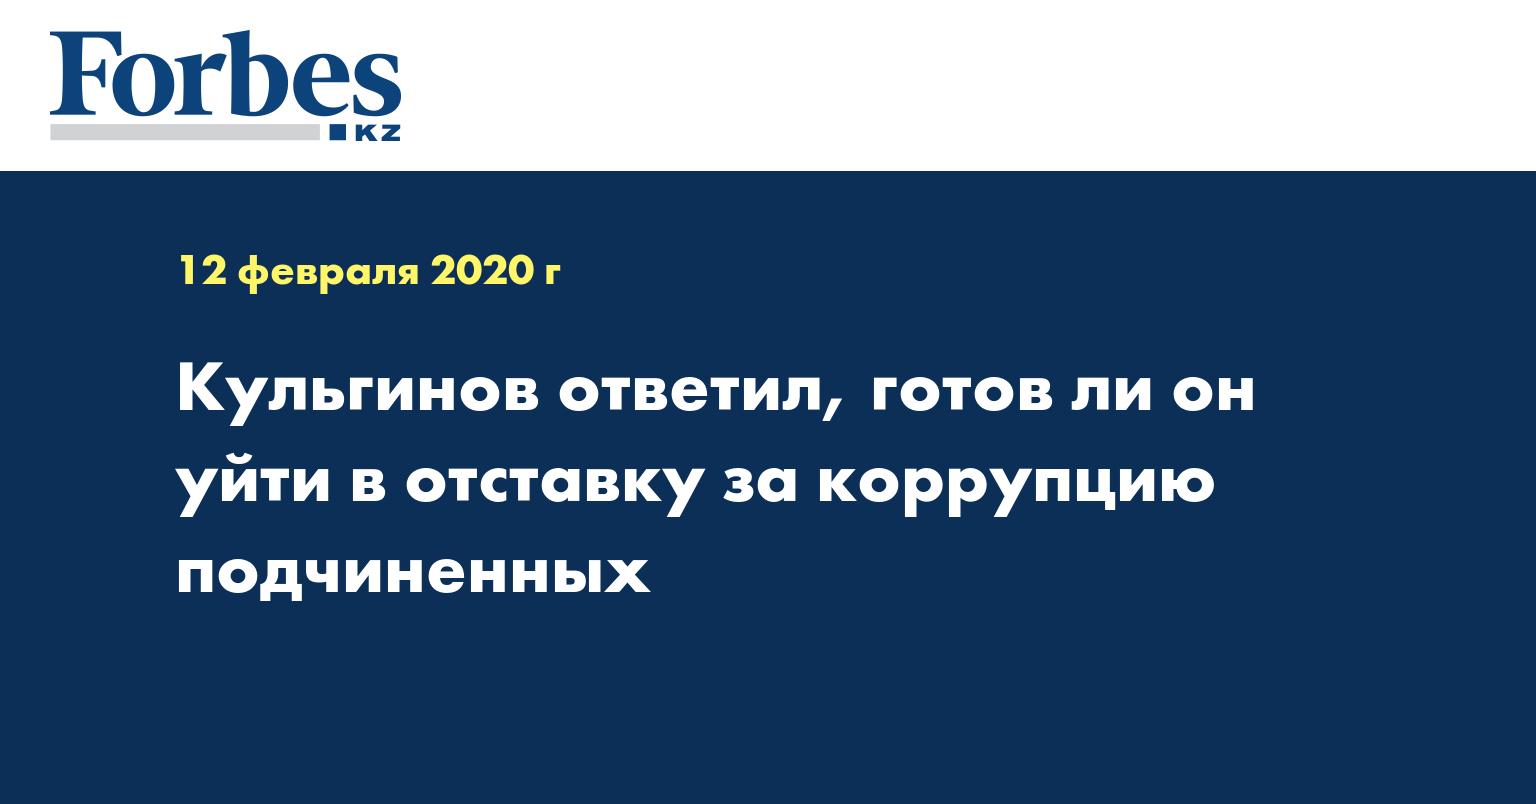 Кульгинов ответил, готов ли он уйти в отставку за коррупцию подчиненных